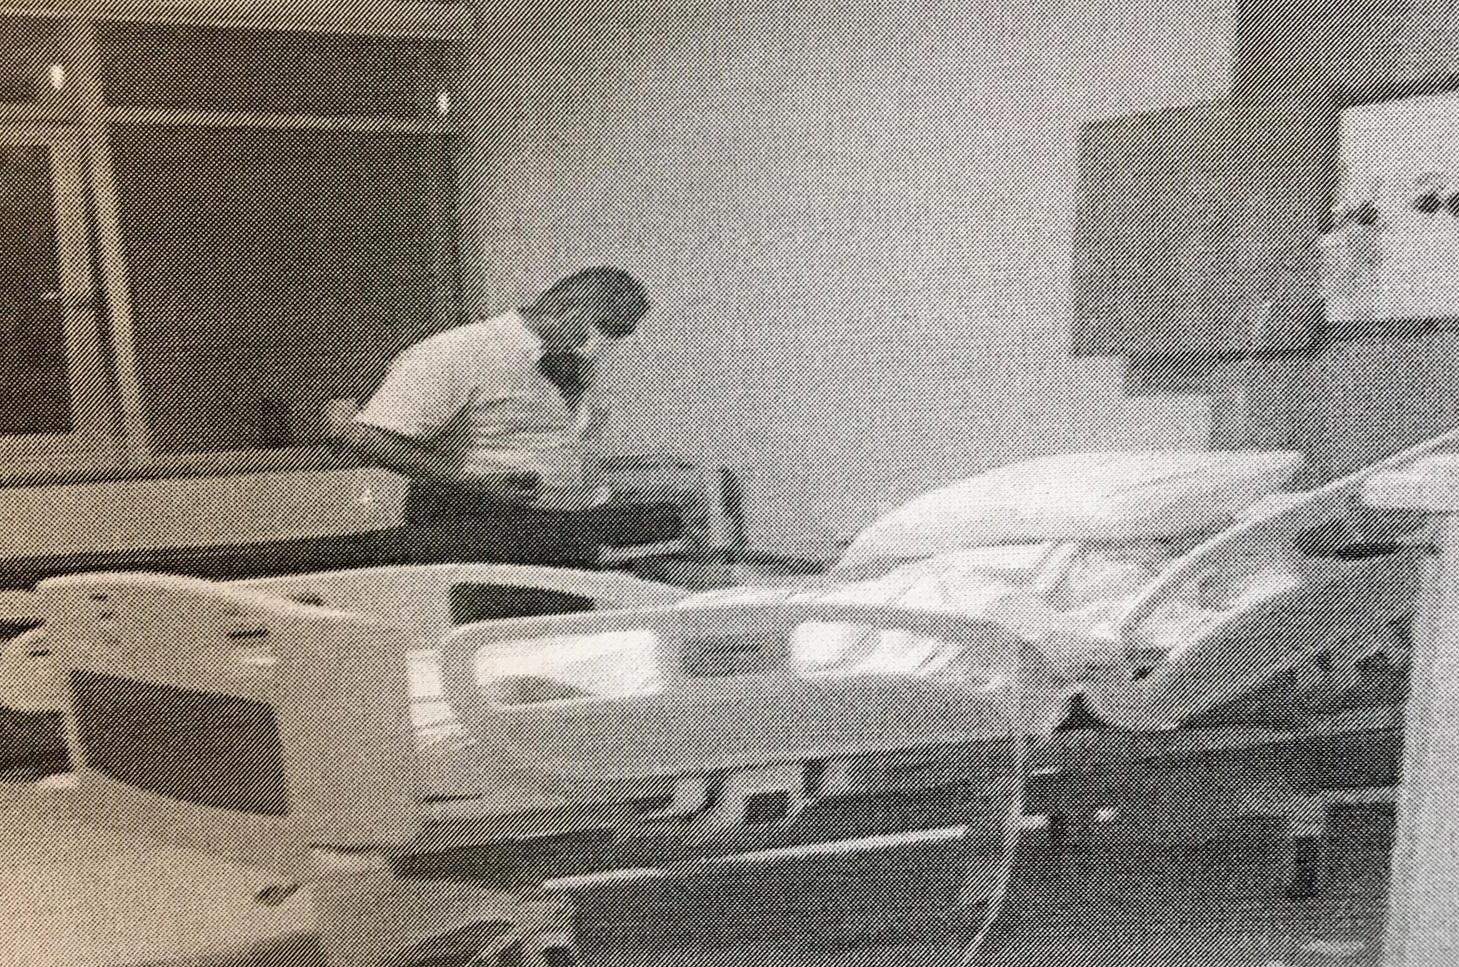 Antalya'da koronavirüs tedavisi gören kayınvalidesini öldürmeye çalışmakla suçlanan damat tahliye edildi